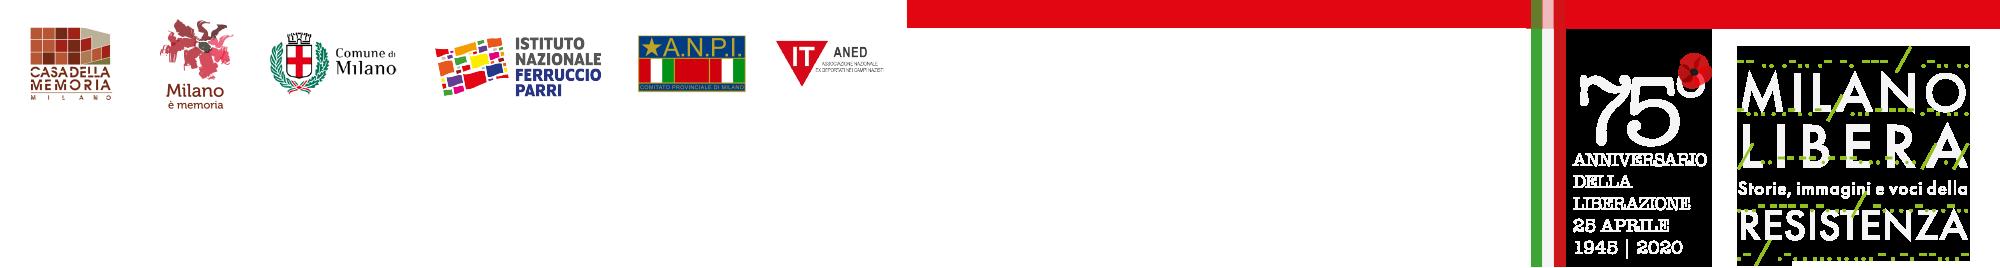 Prime pagine di Milano Libera